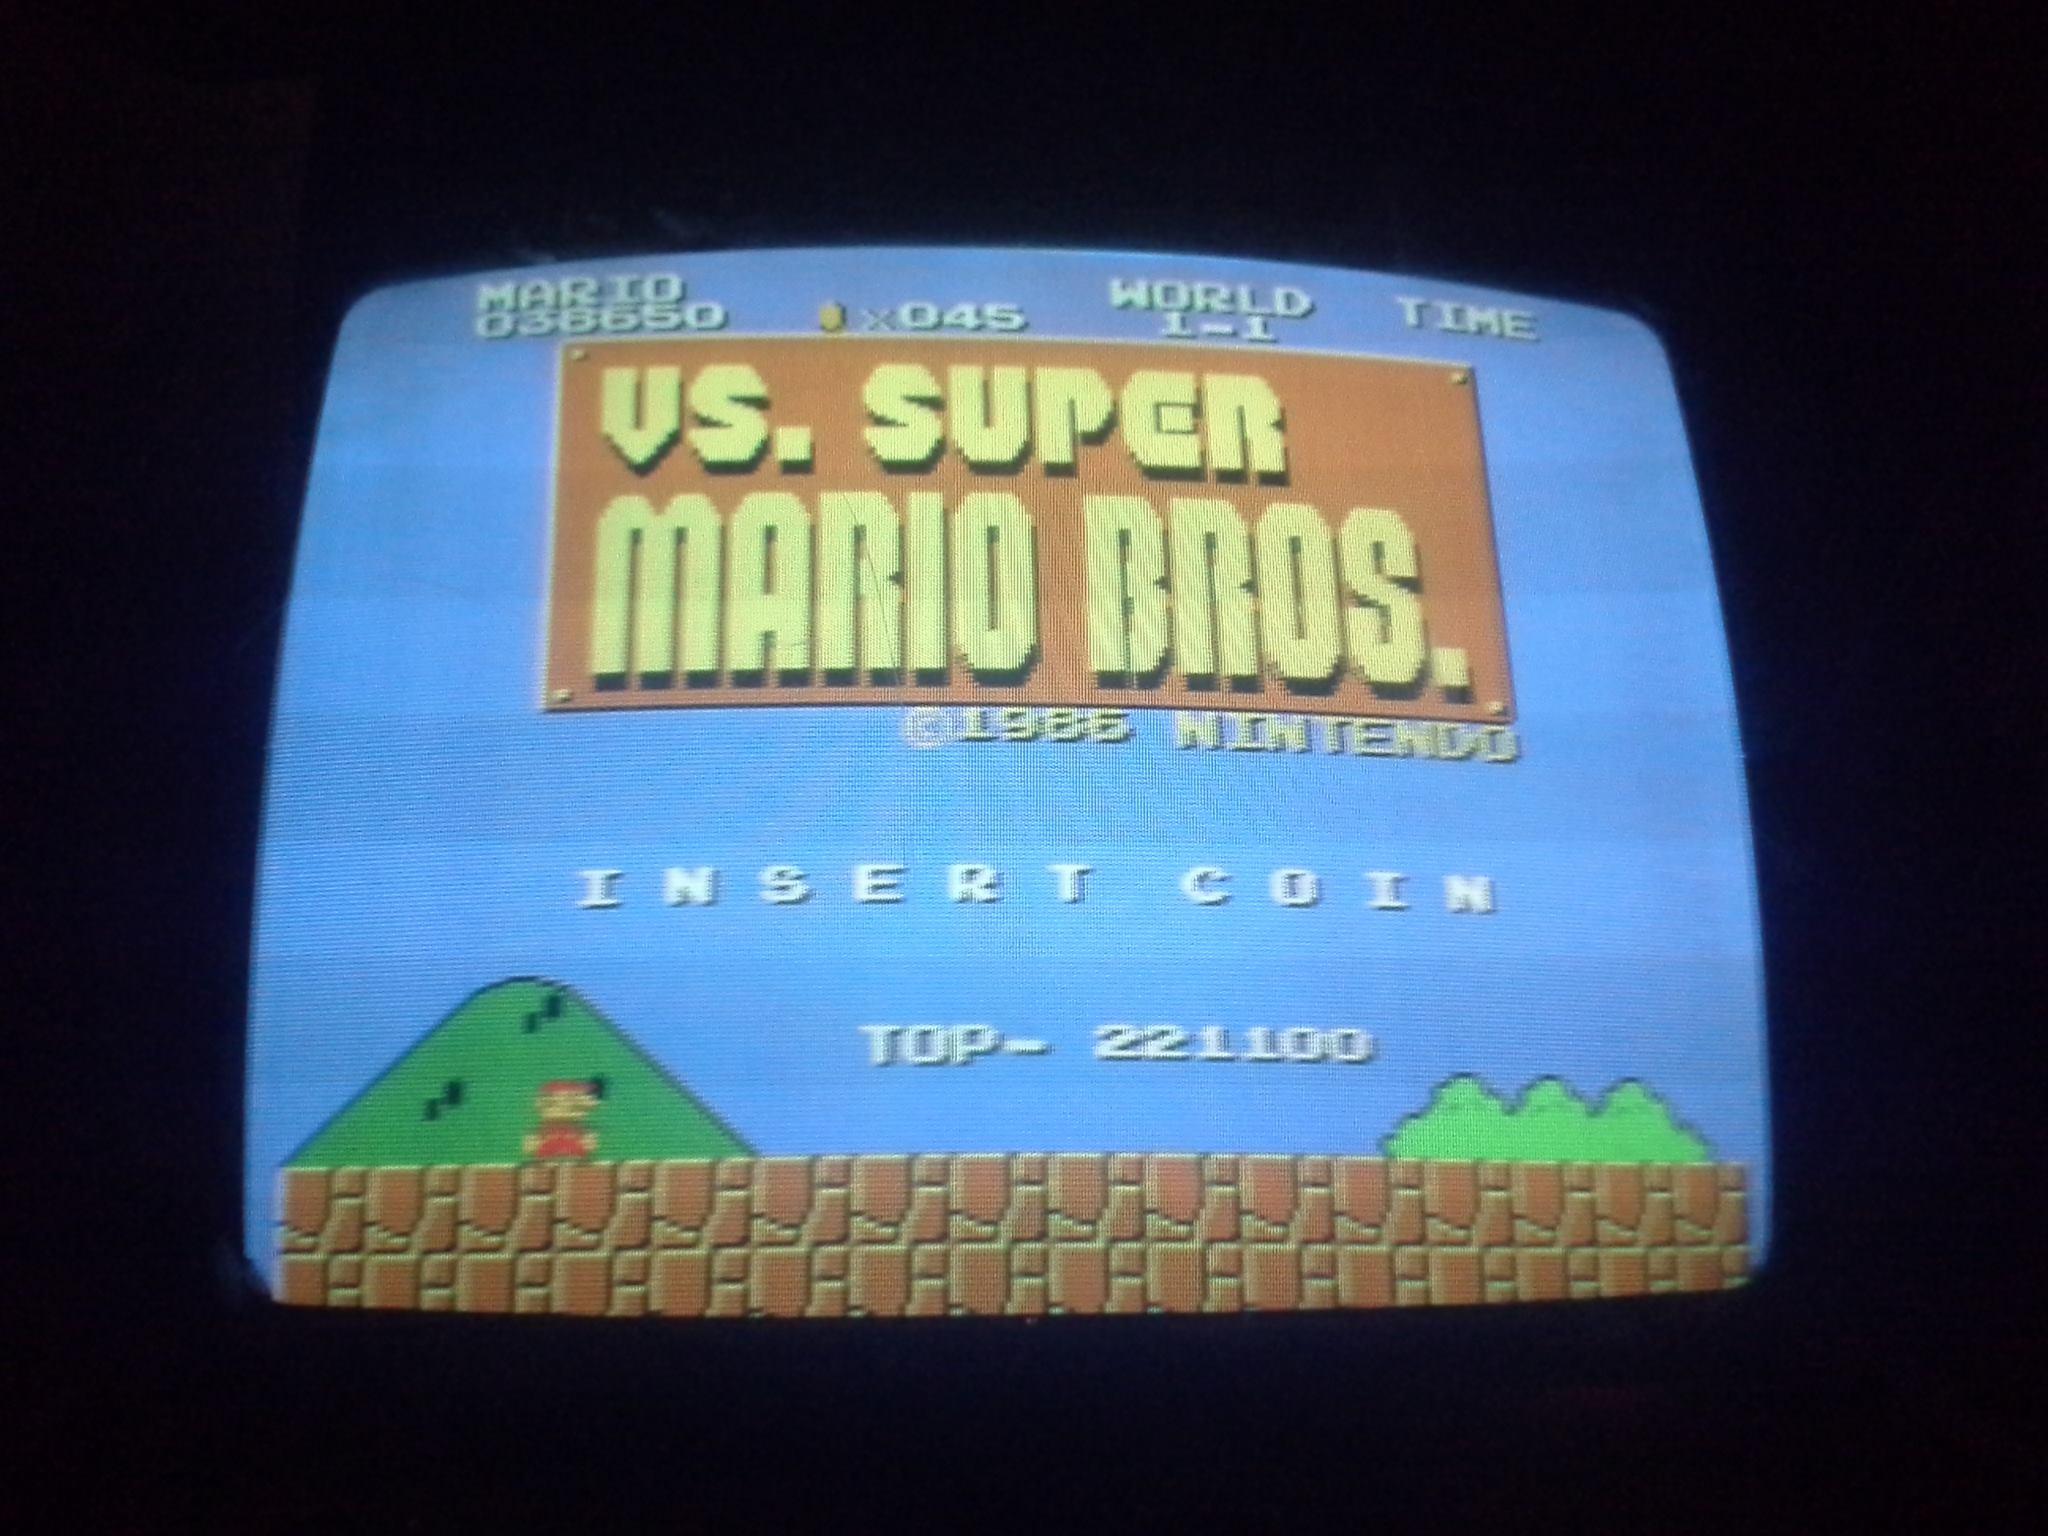 vs. Super Mario Bros 38,650 points